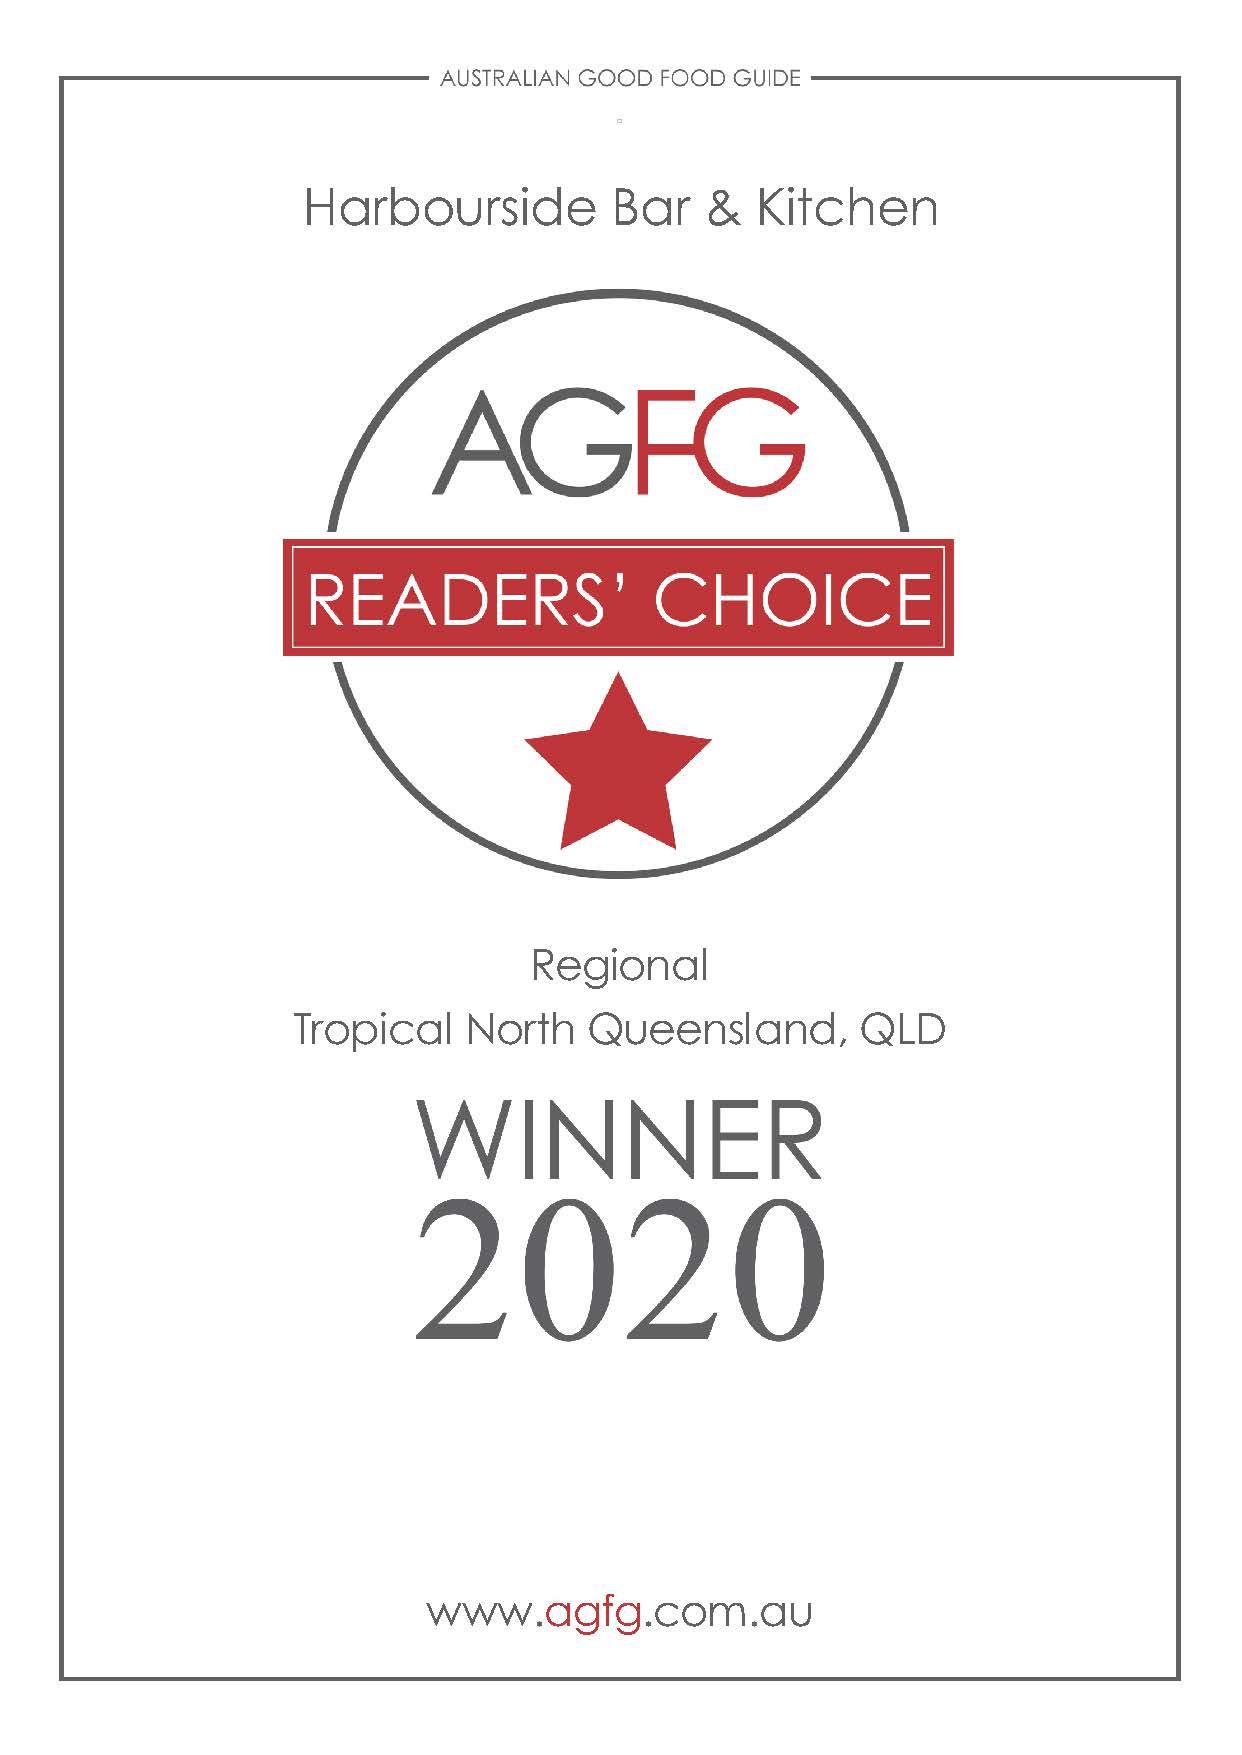 AGFG Readers Choice Award 2020